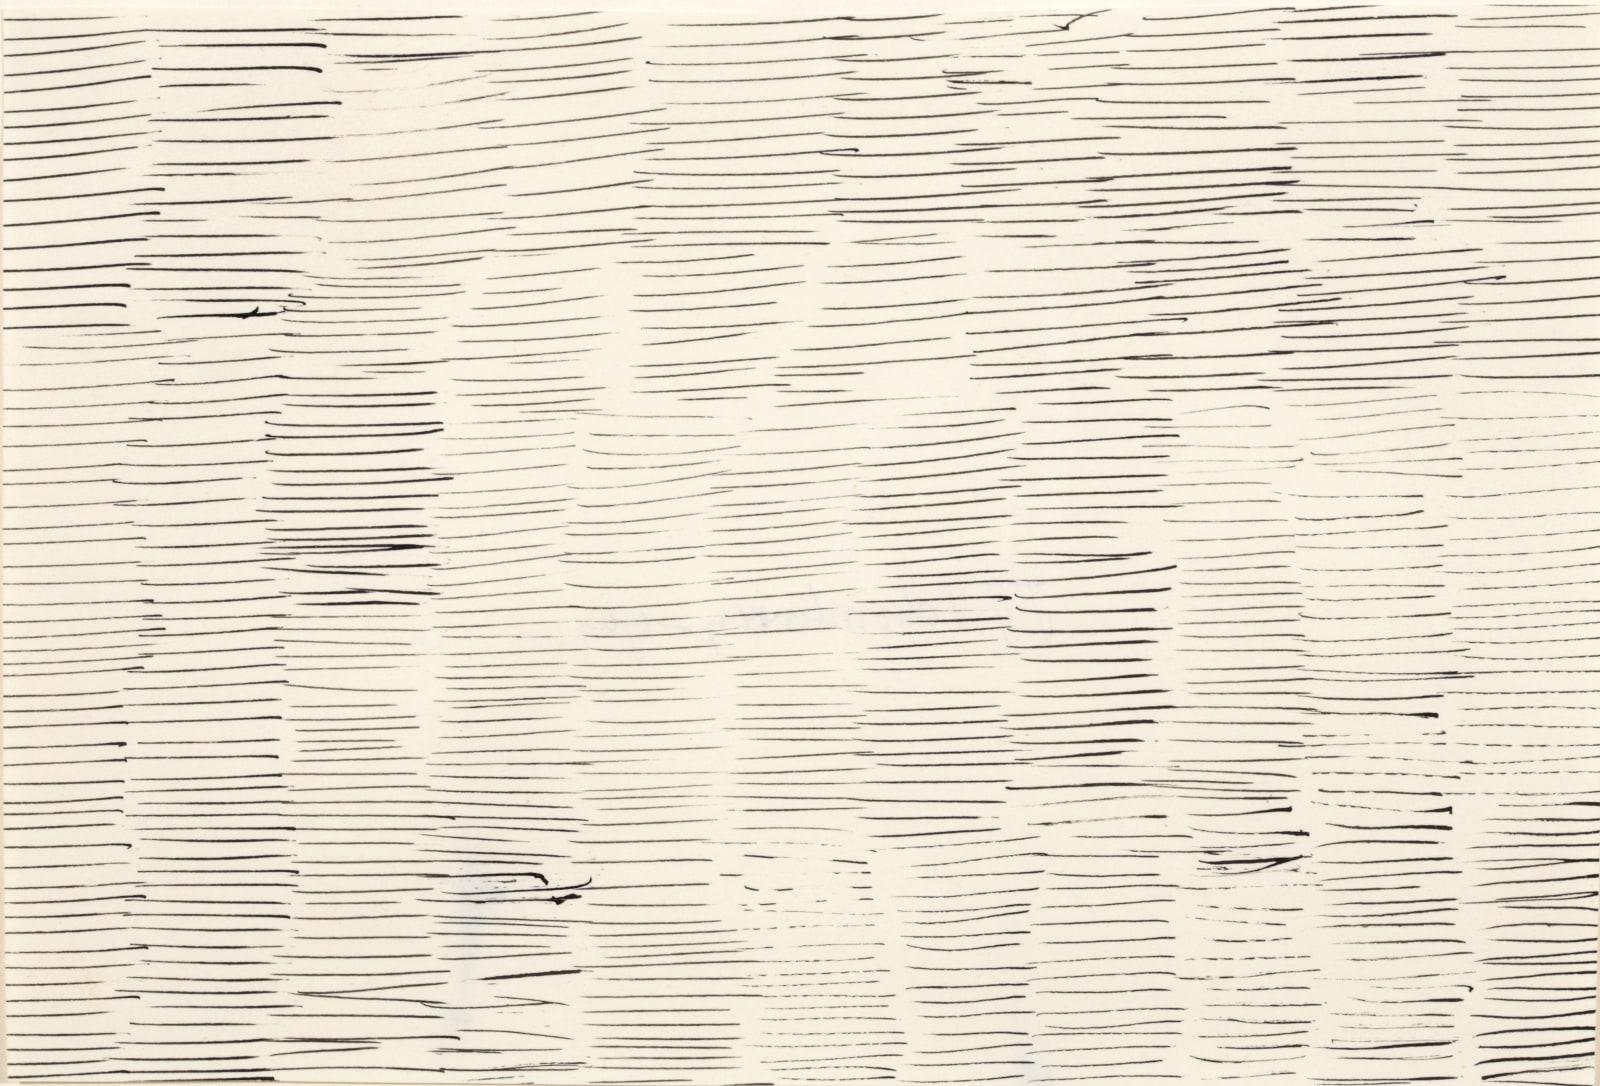 JAN SCHOONHOVEN, Zonder titel, 1964